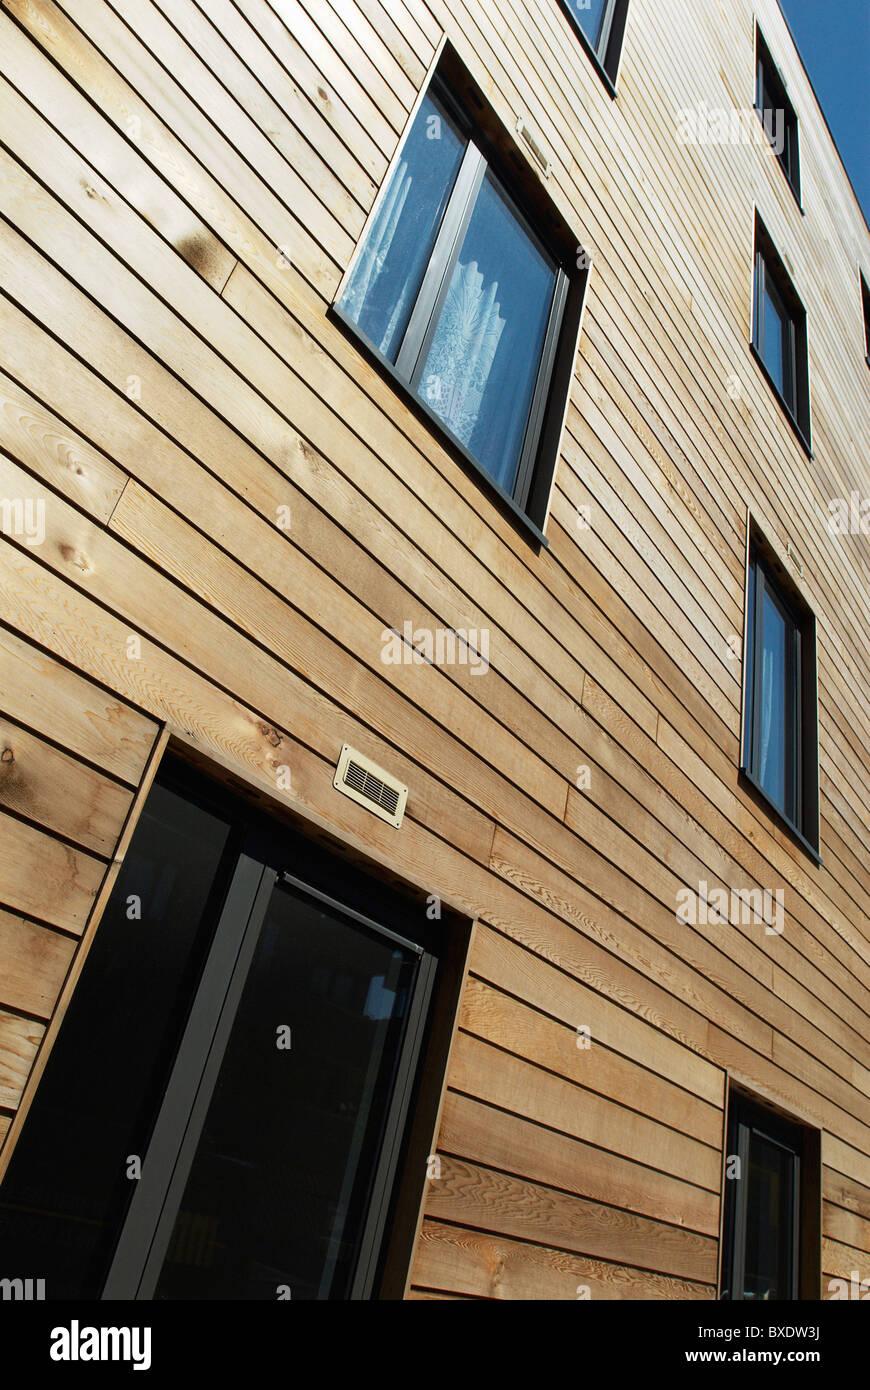 C Amp J Cladding : Timber cladding stock photos